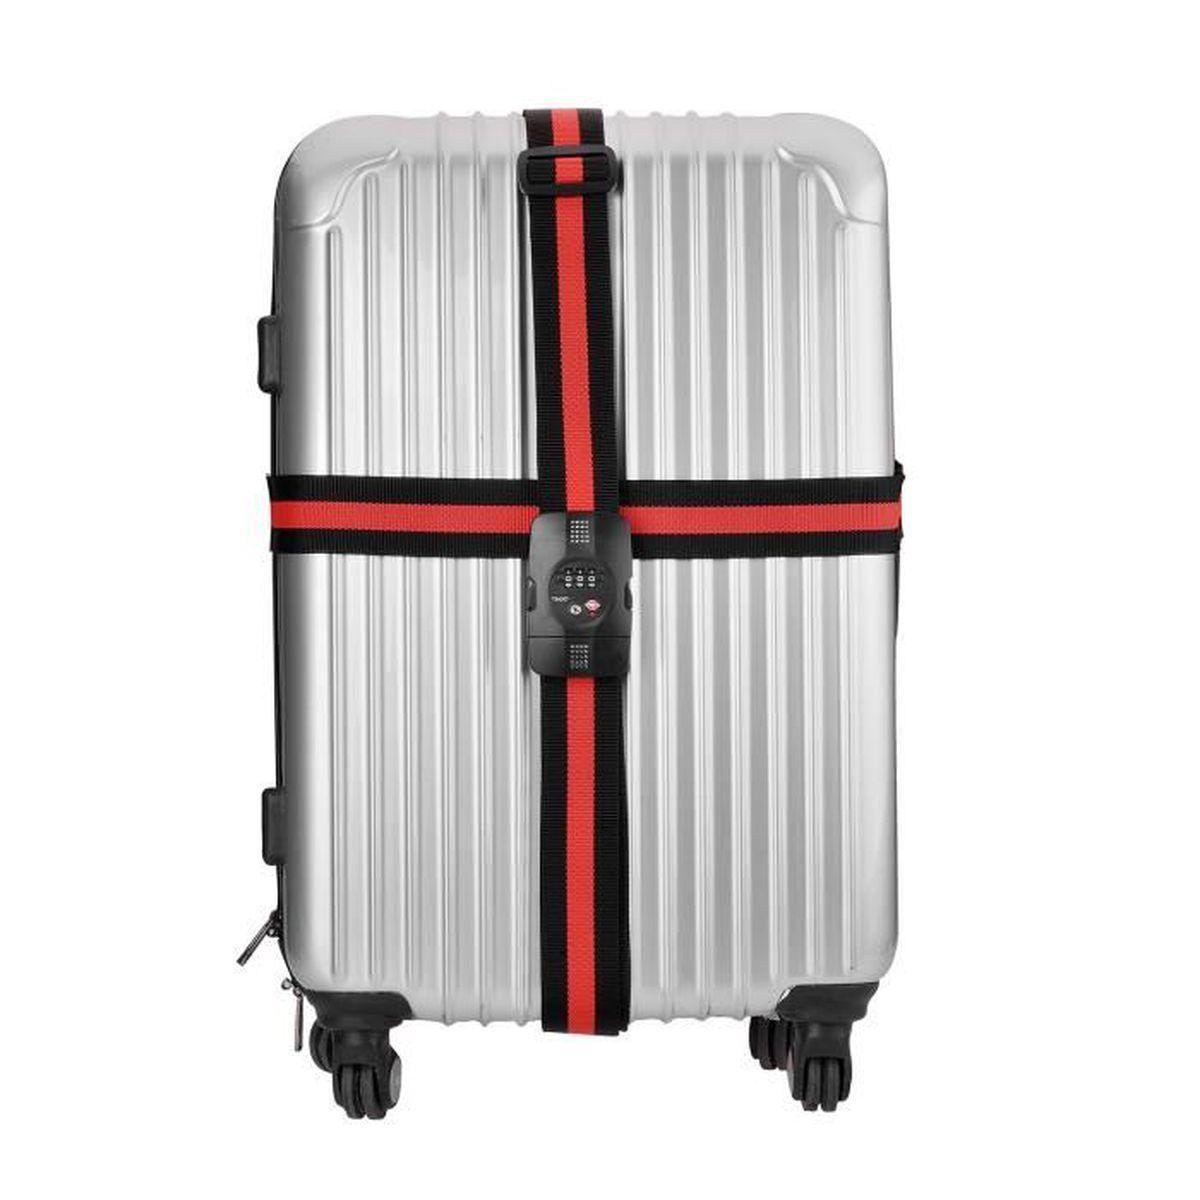 TSA Verrouillage Sangles de Voyage Valise Bagages Sangles /à Bagage Croix r/églable Courroie de Bagage